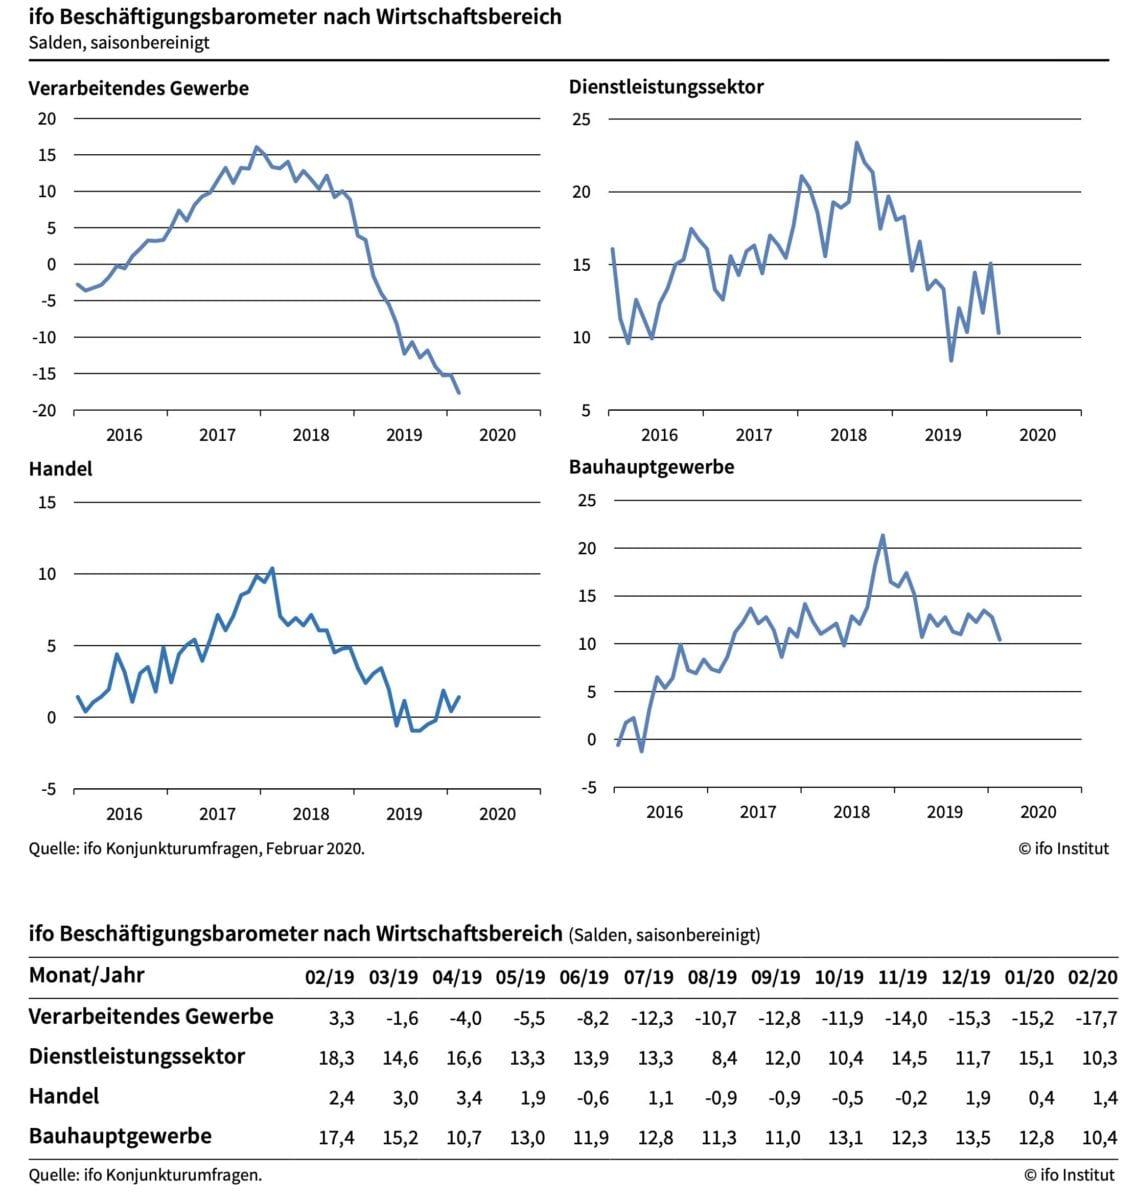 ifo Beschäftigungsbarometer im Detail